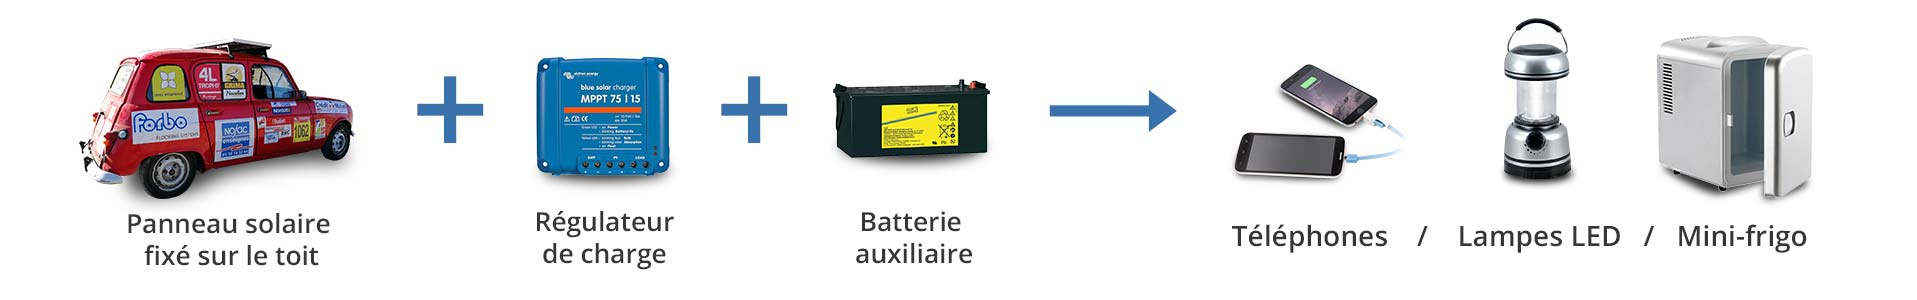 Principe de fonctionnement du panneau solaire photovoltaïque installé sur le toit de la voiture